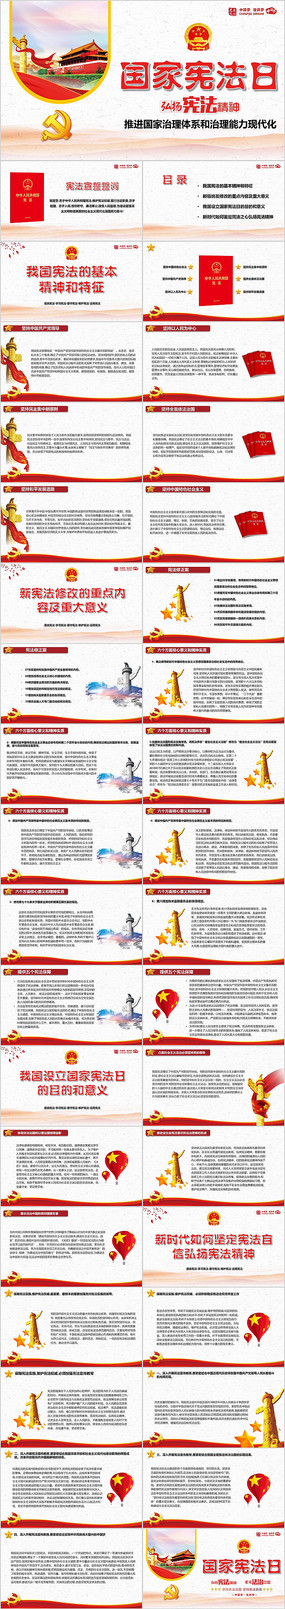 国家宪法日PPT模板